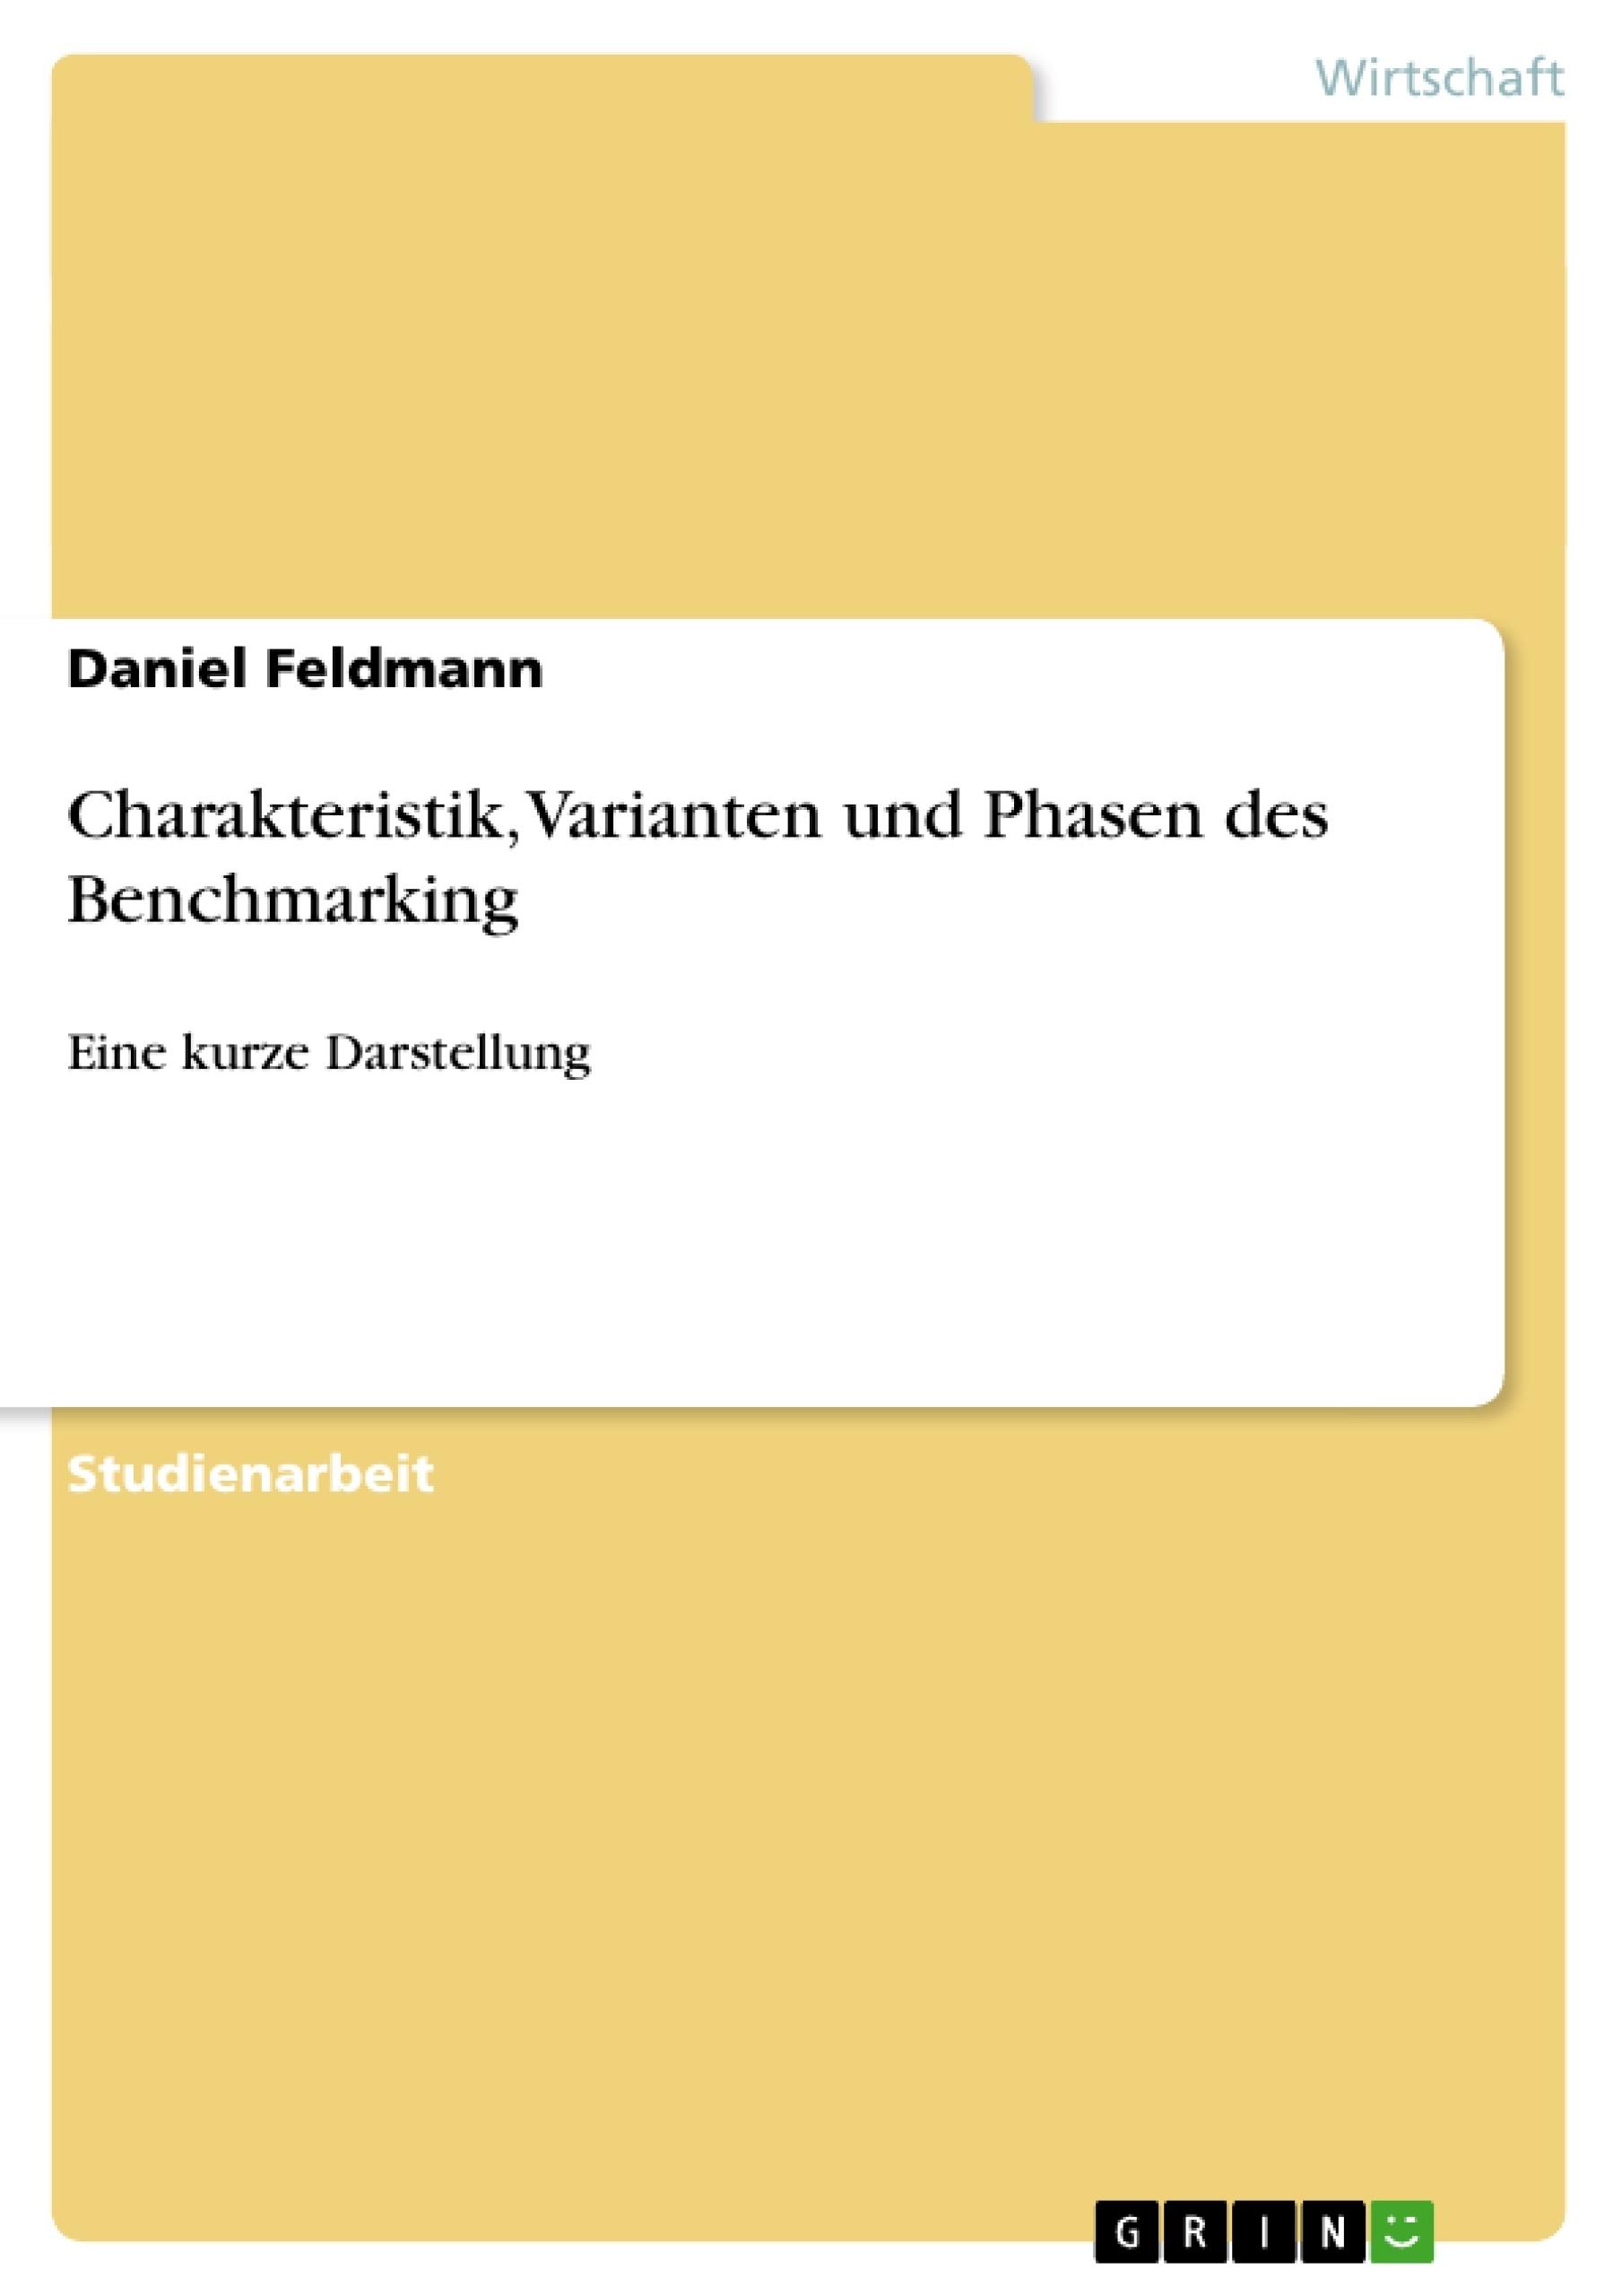 Titel: Charakteristik, Varianten und Phasen des Benchmarking